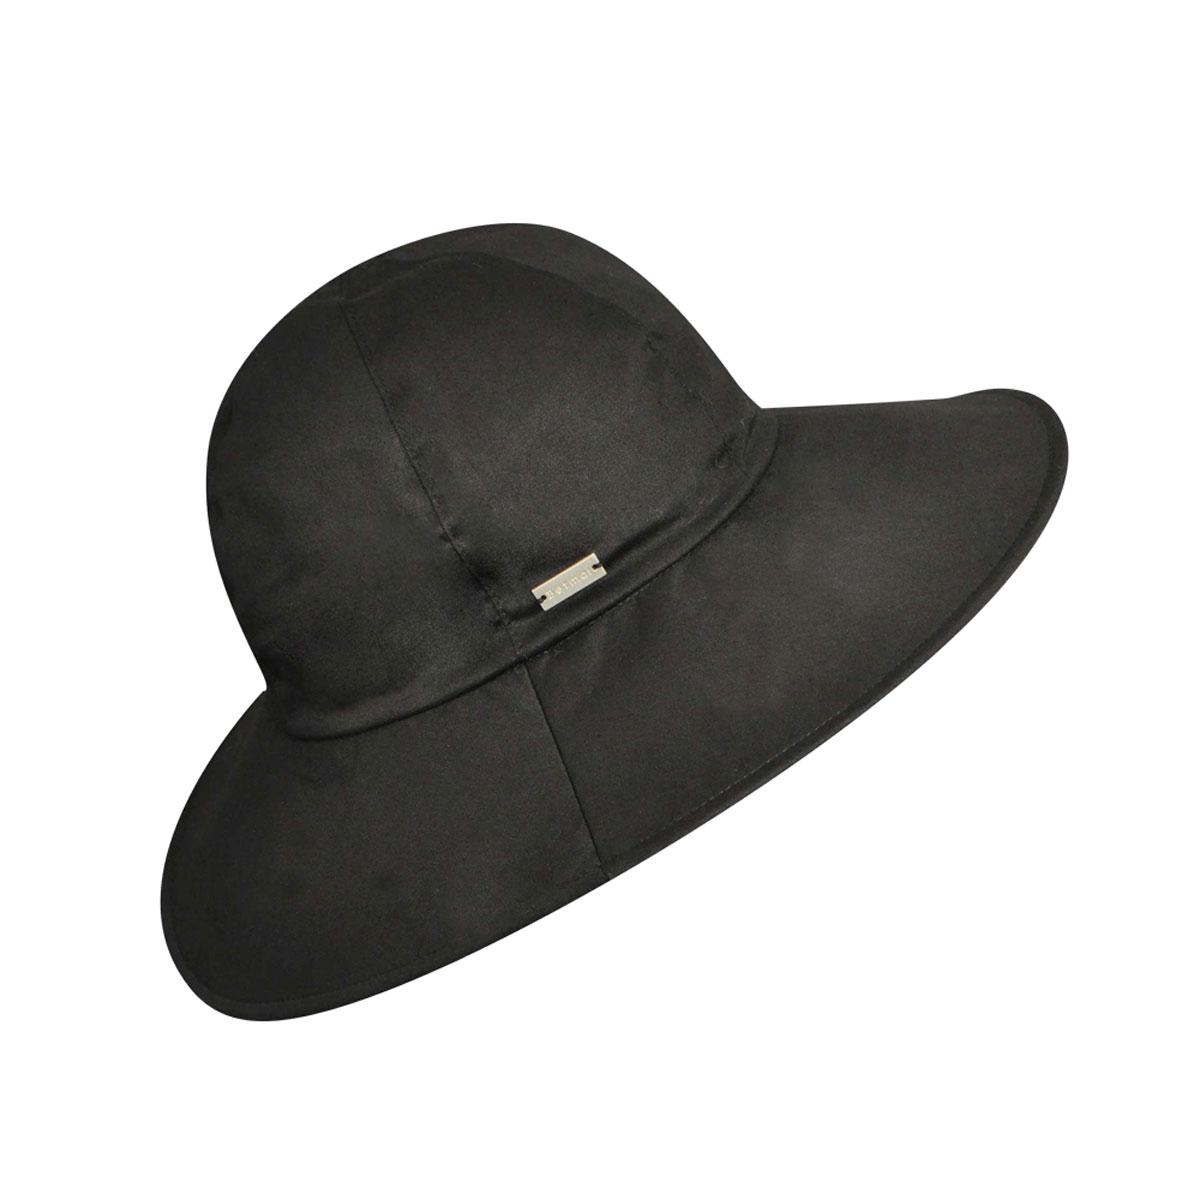 Шляпа женская. 31-062-5331-062-53-00Широкополая двухсторонняя шляпа Betmar Gemma, выполненная из натурального хлопка, украсит любой наряд. Шляпа, с защитой от ультрафиолетовых лучей UPF 50+, оформлена металлической нашивкой с названием бренда. Благодаря своей форме, шляпа удобно садится по голове и подойдет к любому стилю. Шляпа легко восстанавливает свою форму после сжатия. Такая шляпка подчеркнет вашу неповторимость и дополнит ваш повседневный образ.